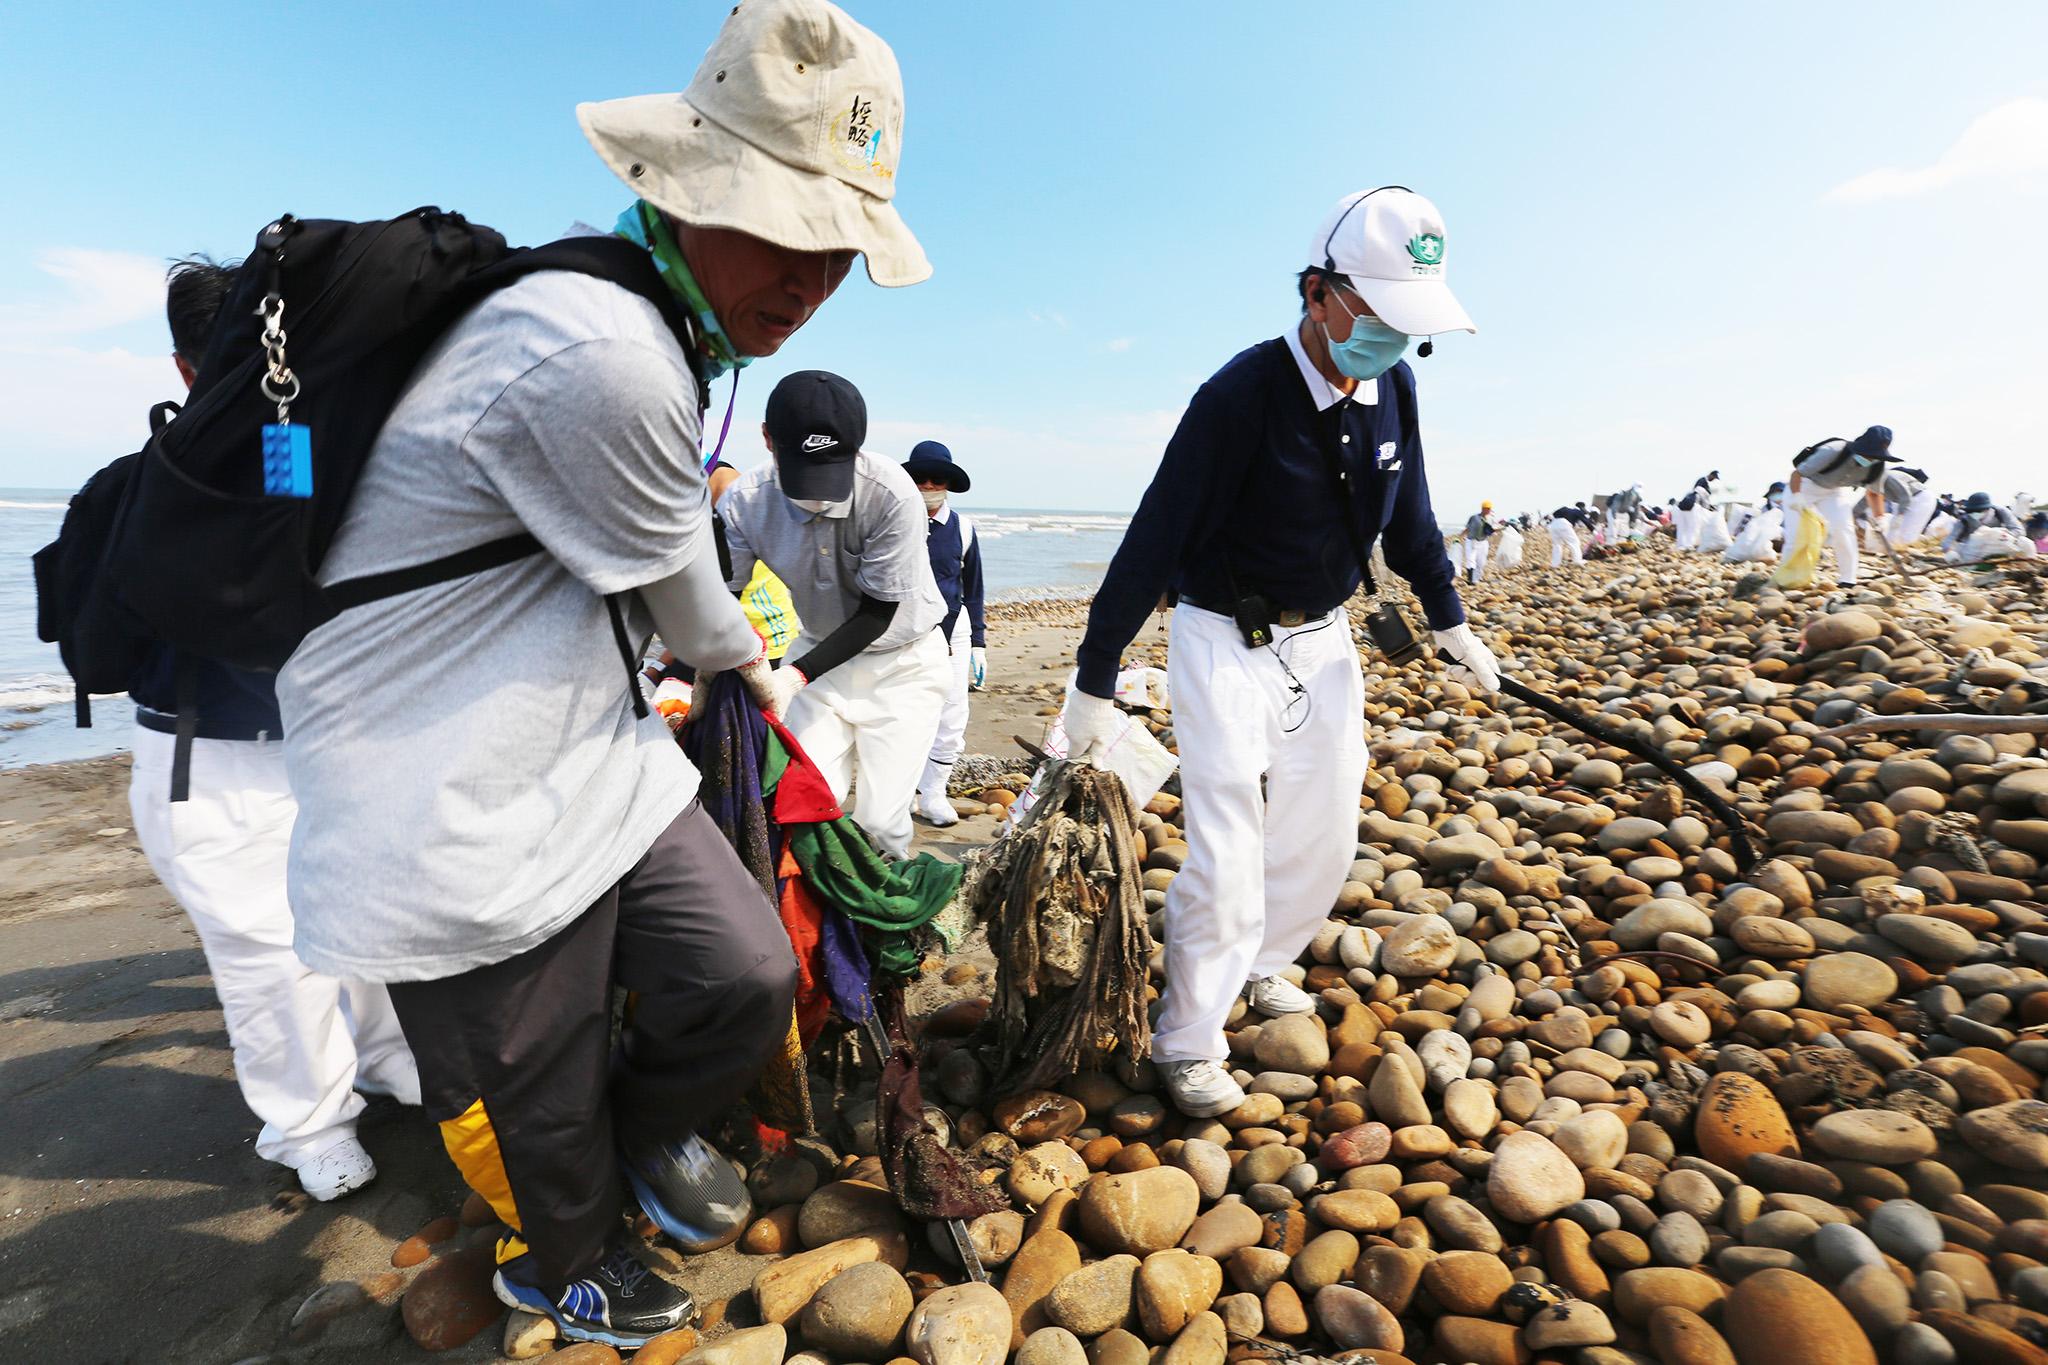 淨灘清出的垃圾中,最大宗是漁網、繩索,需要靠很多人的力量,才能把它清出來。